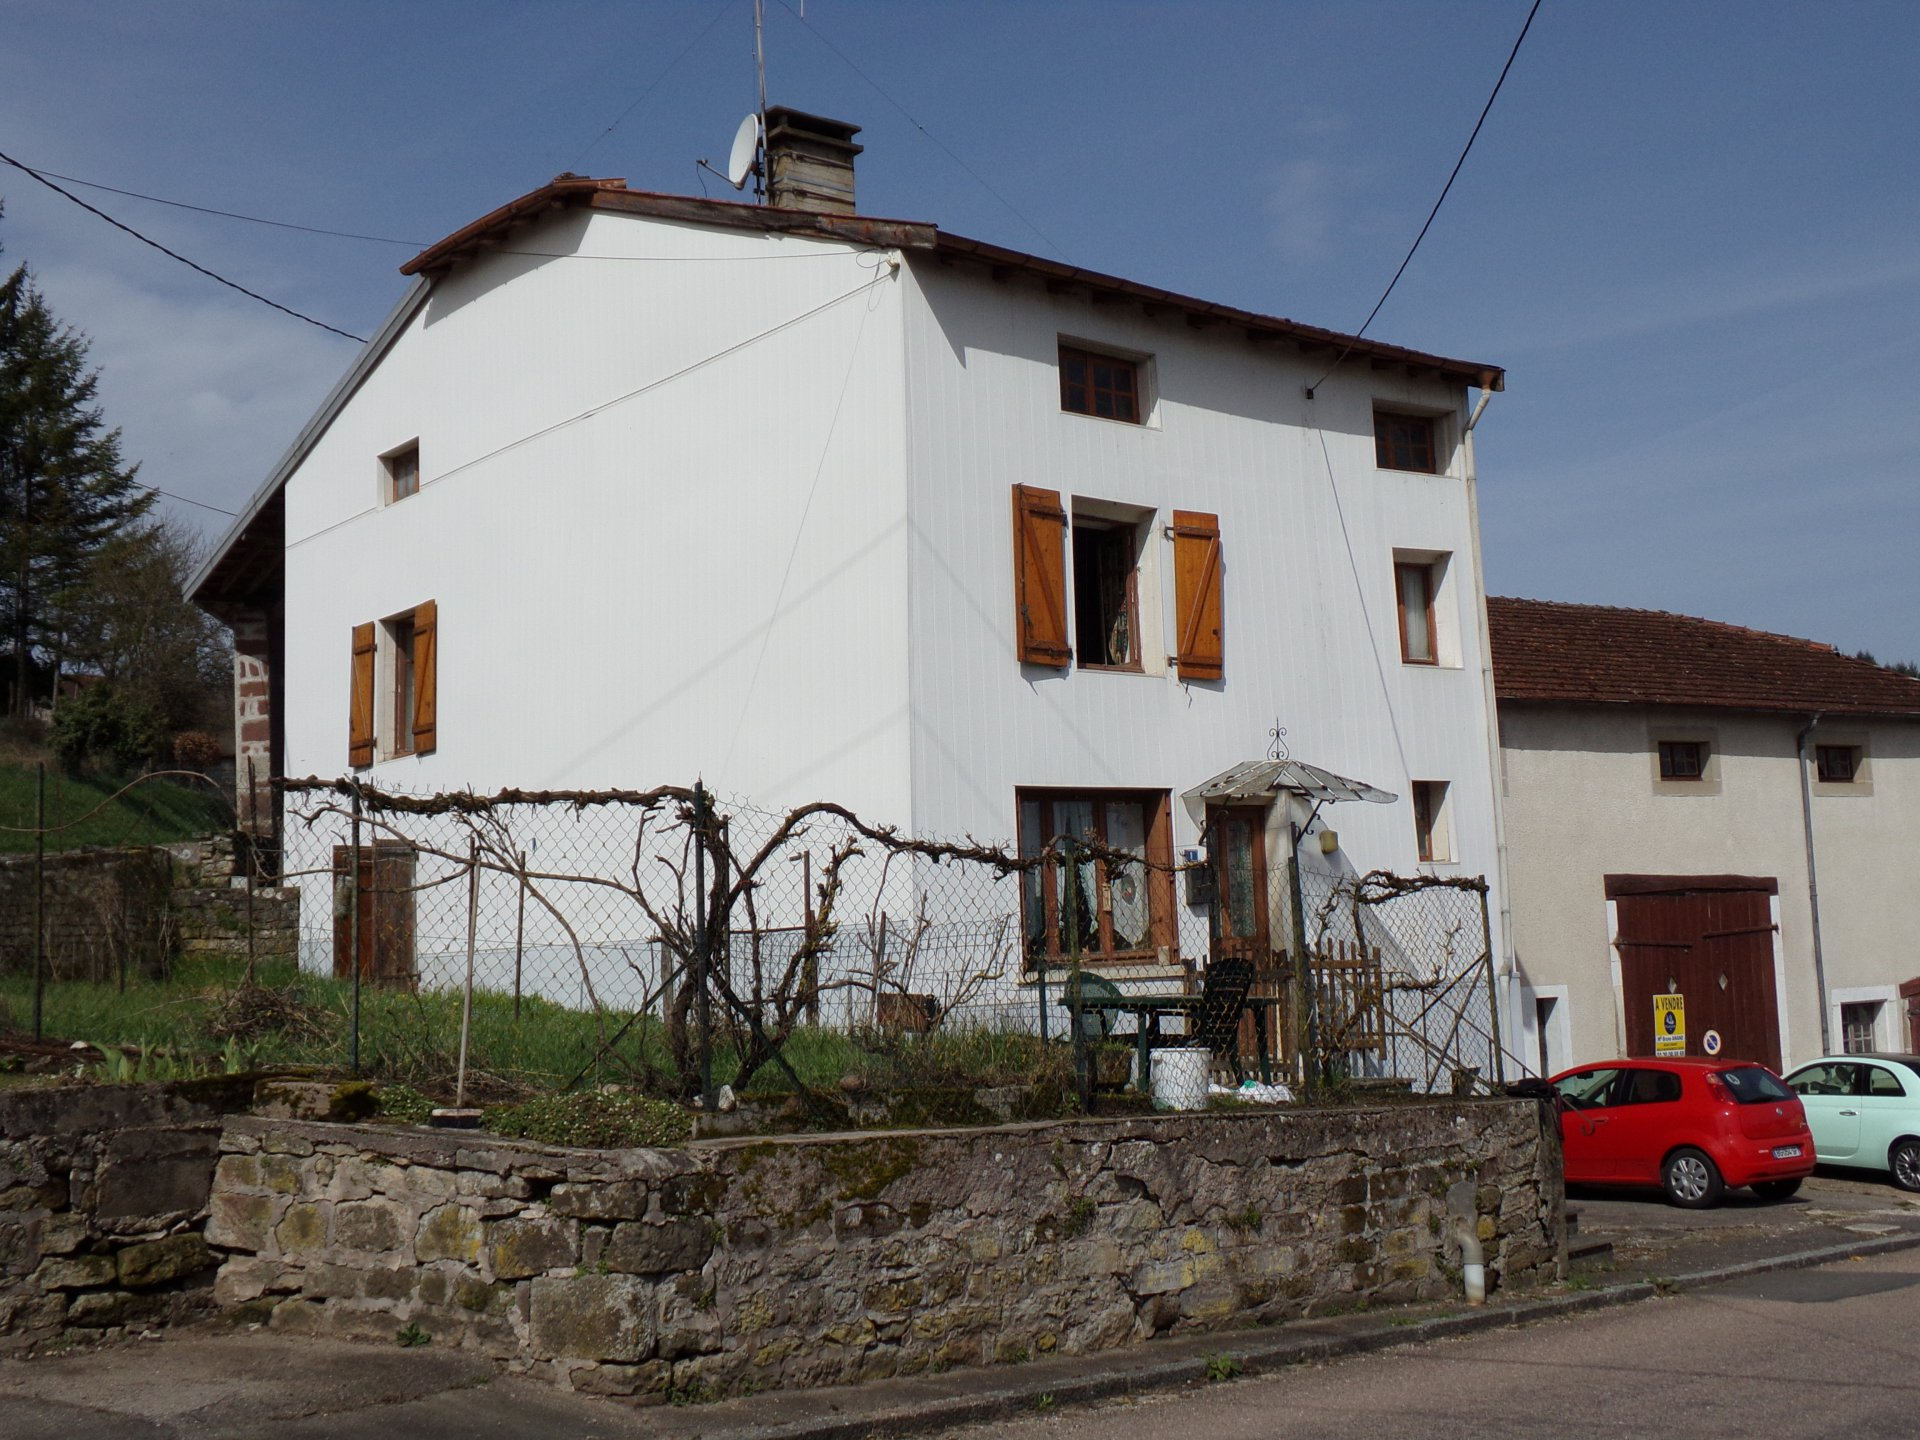 À vendre belle ferme de village dans les Vosges.